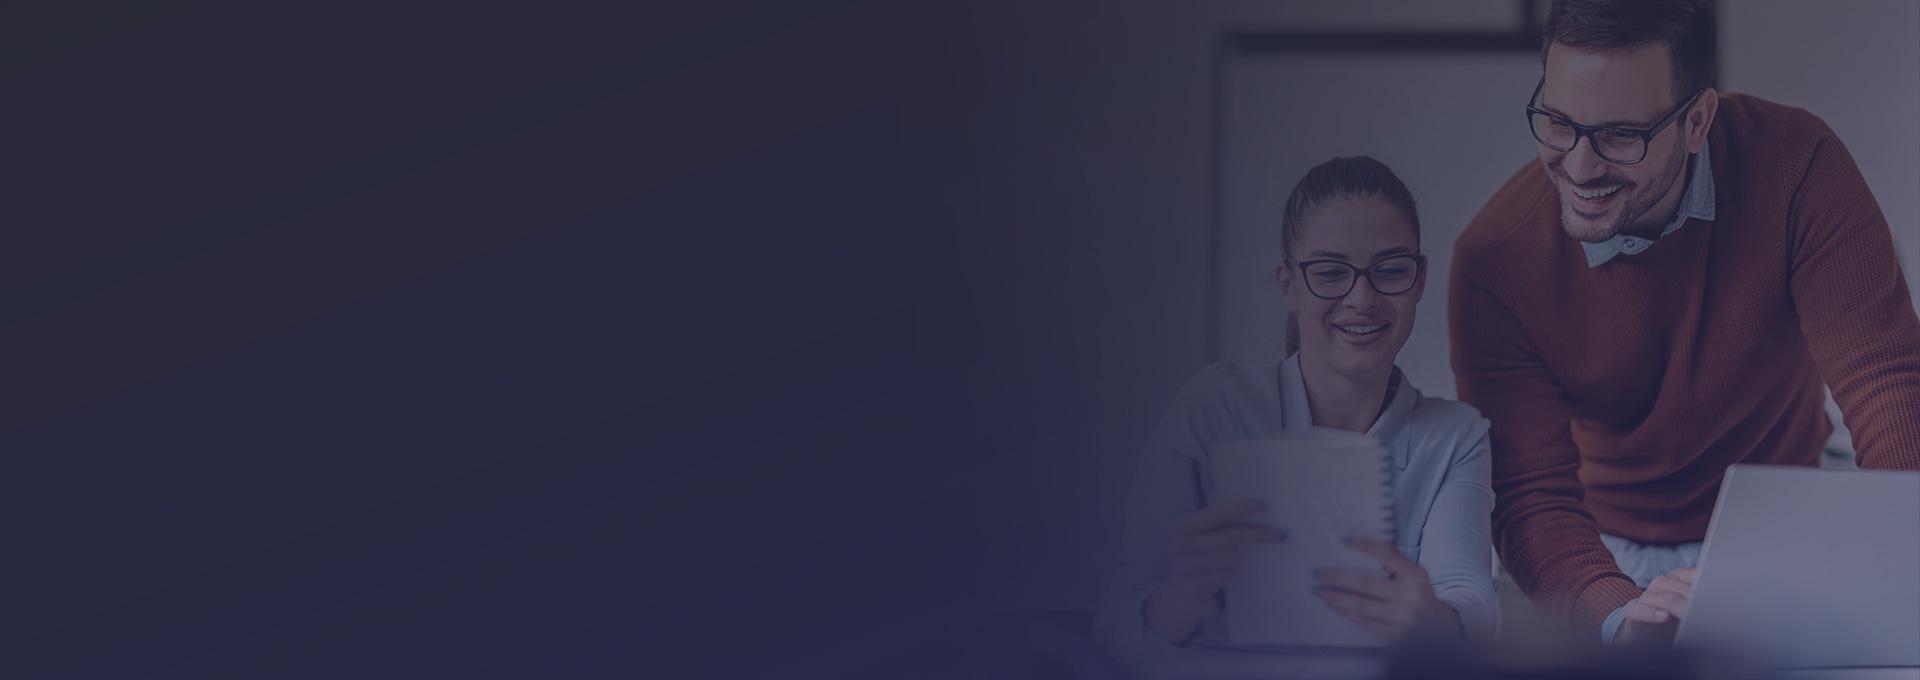 Especialización analista en gestión financiera